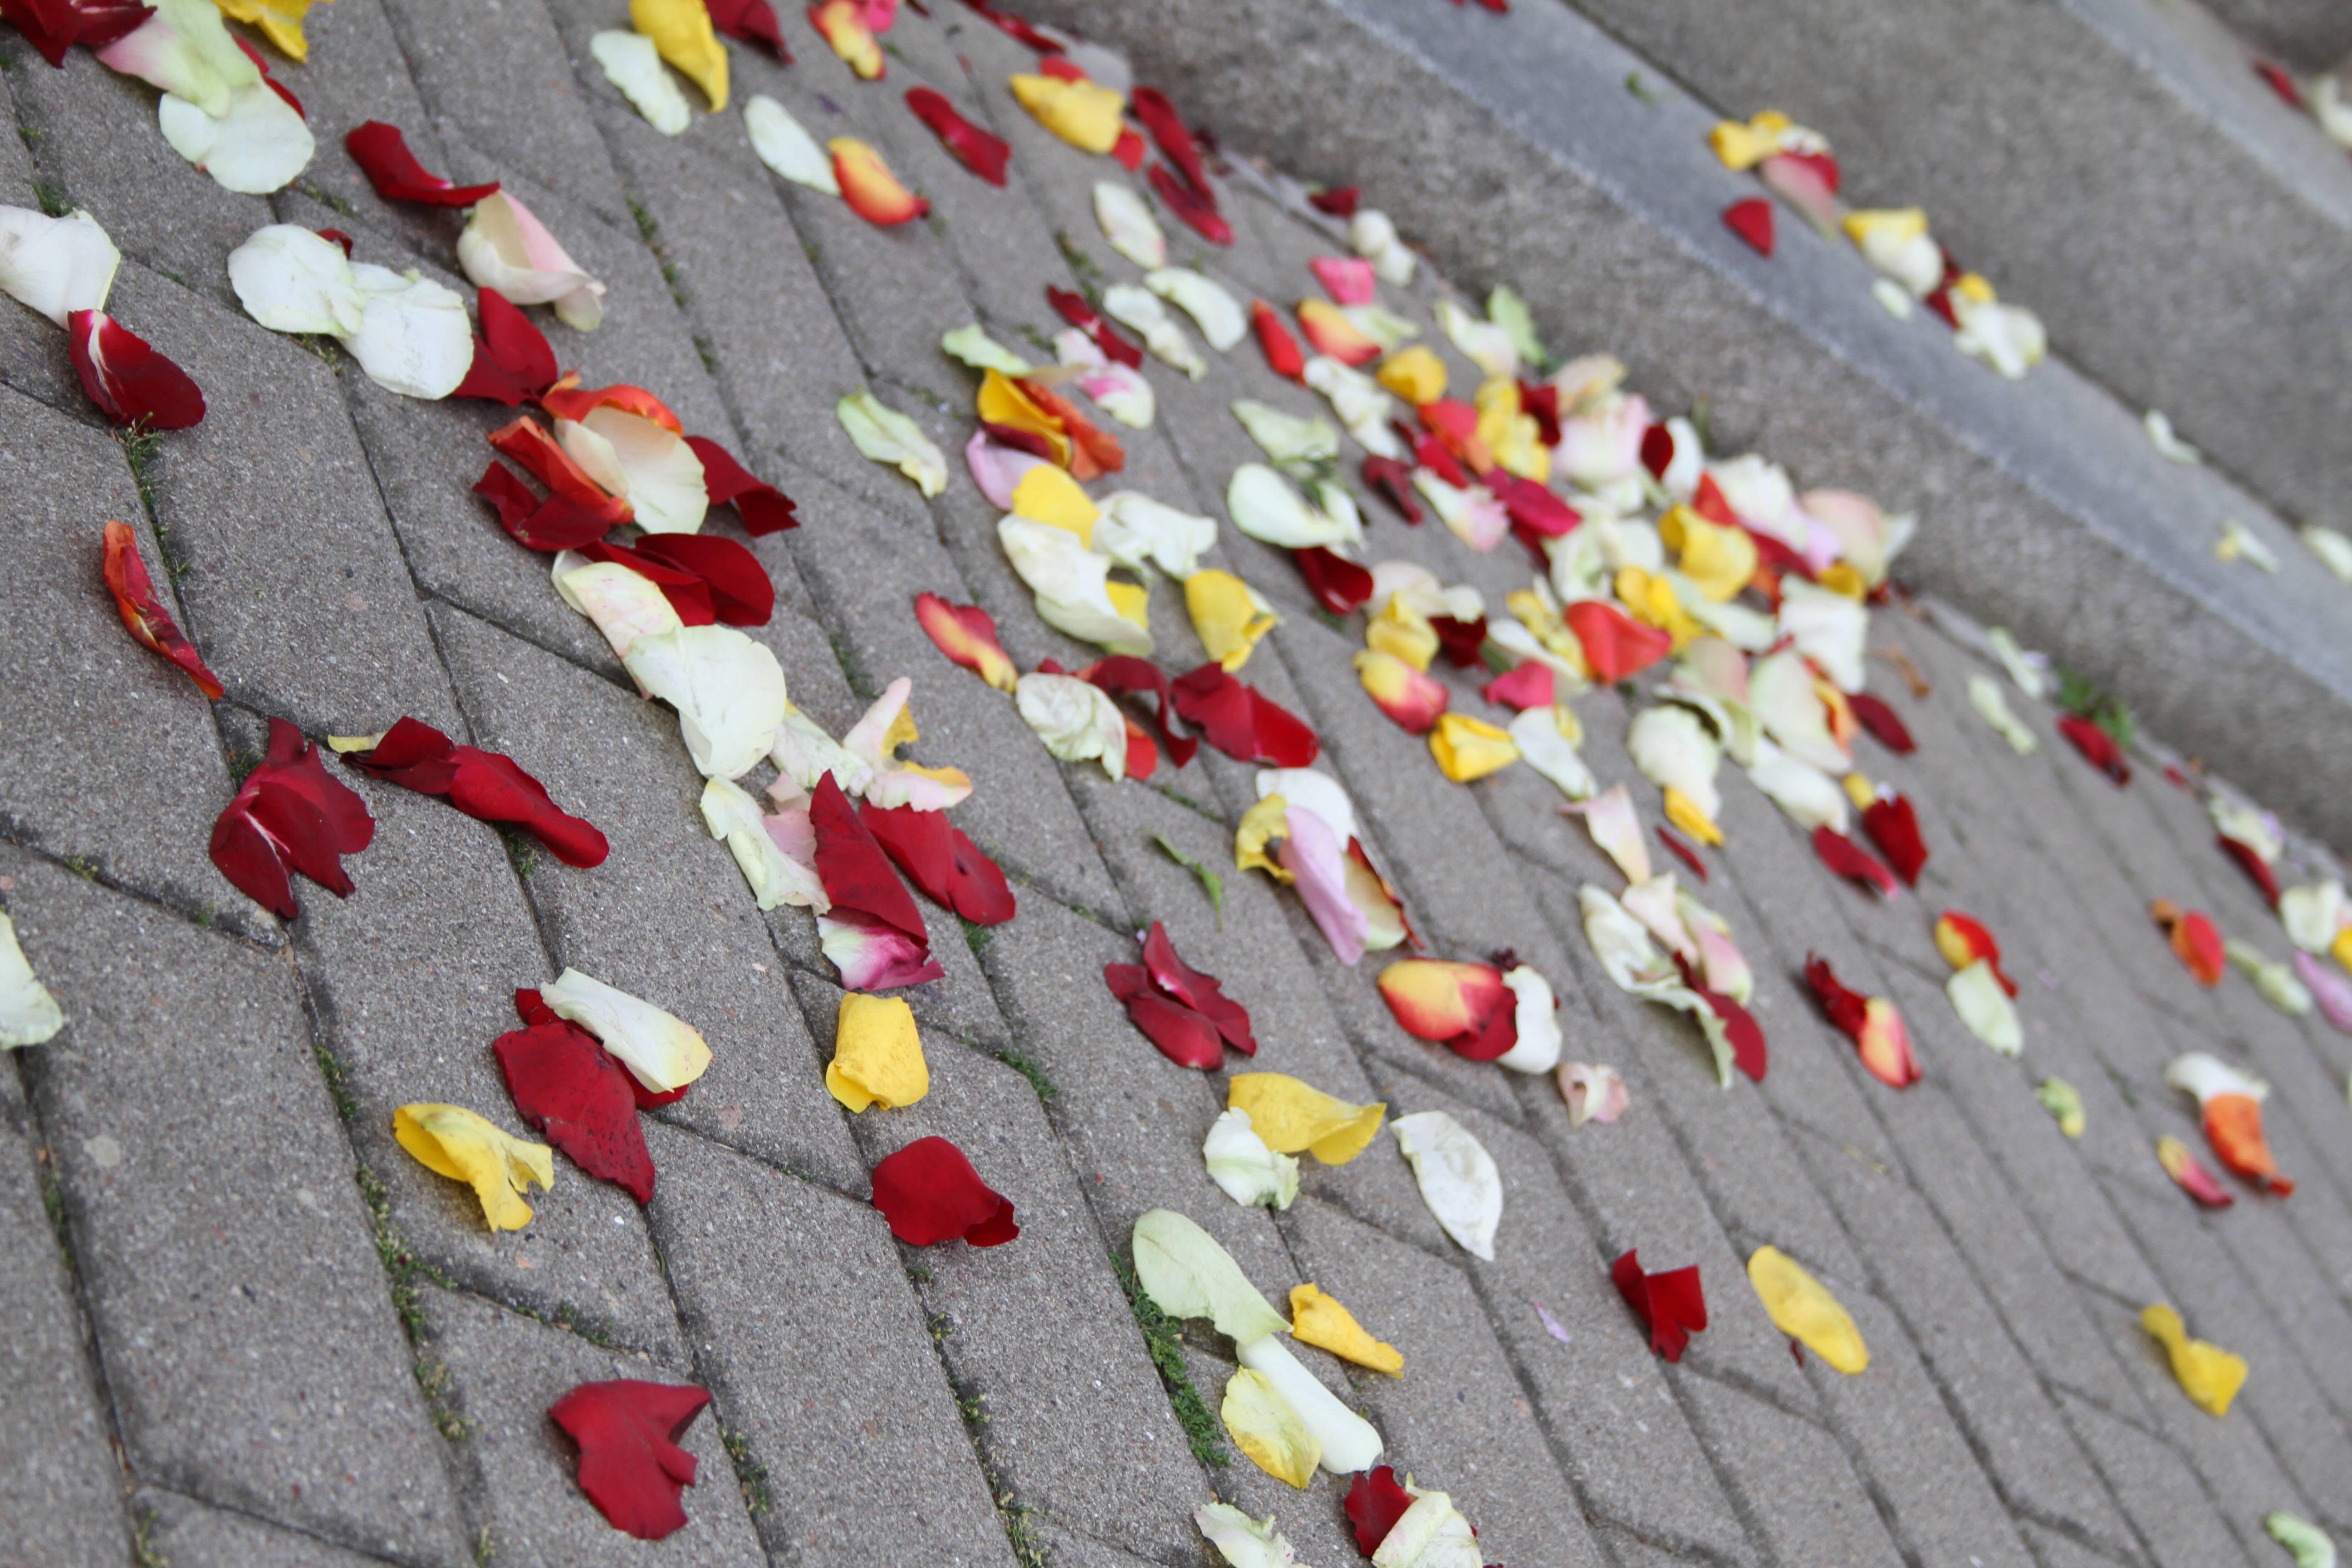 Auf Rosenblätter schweben